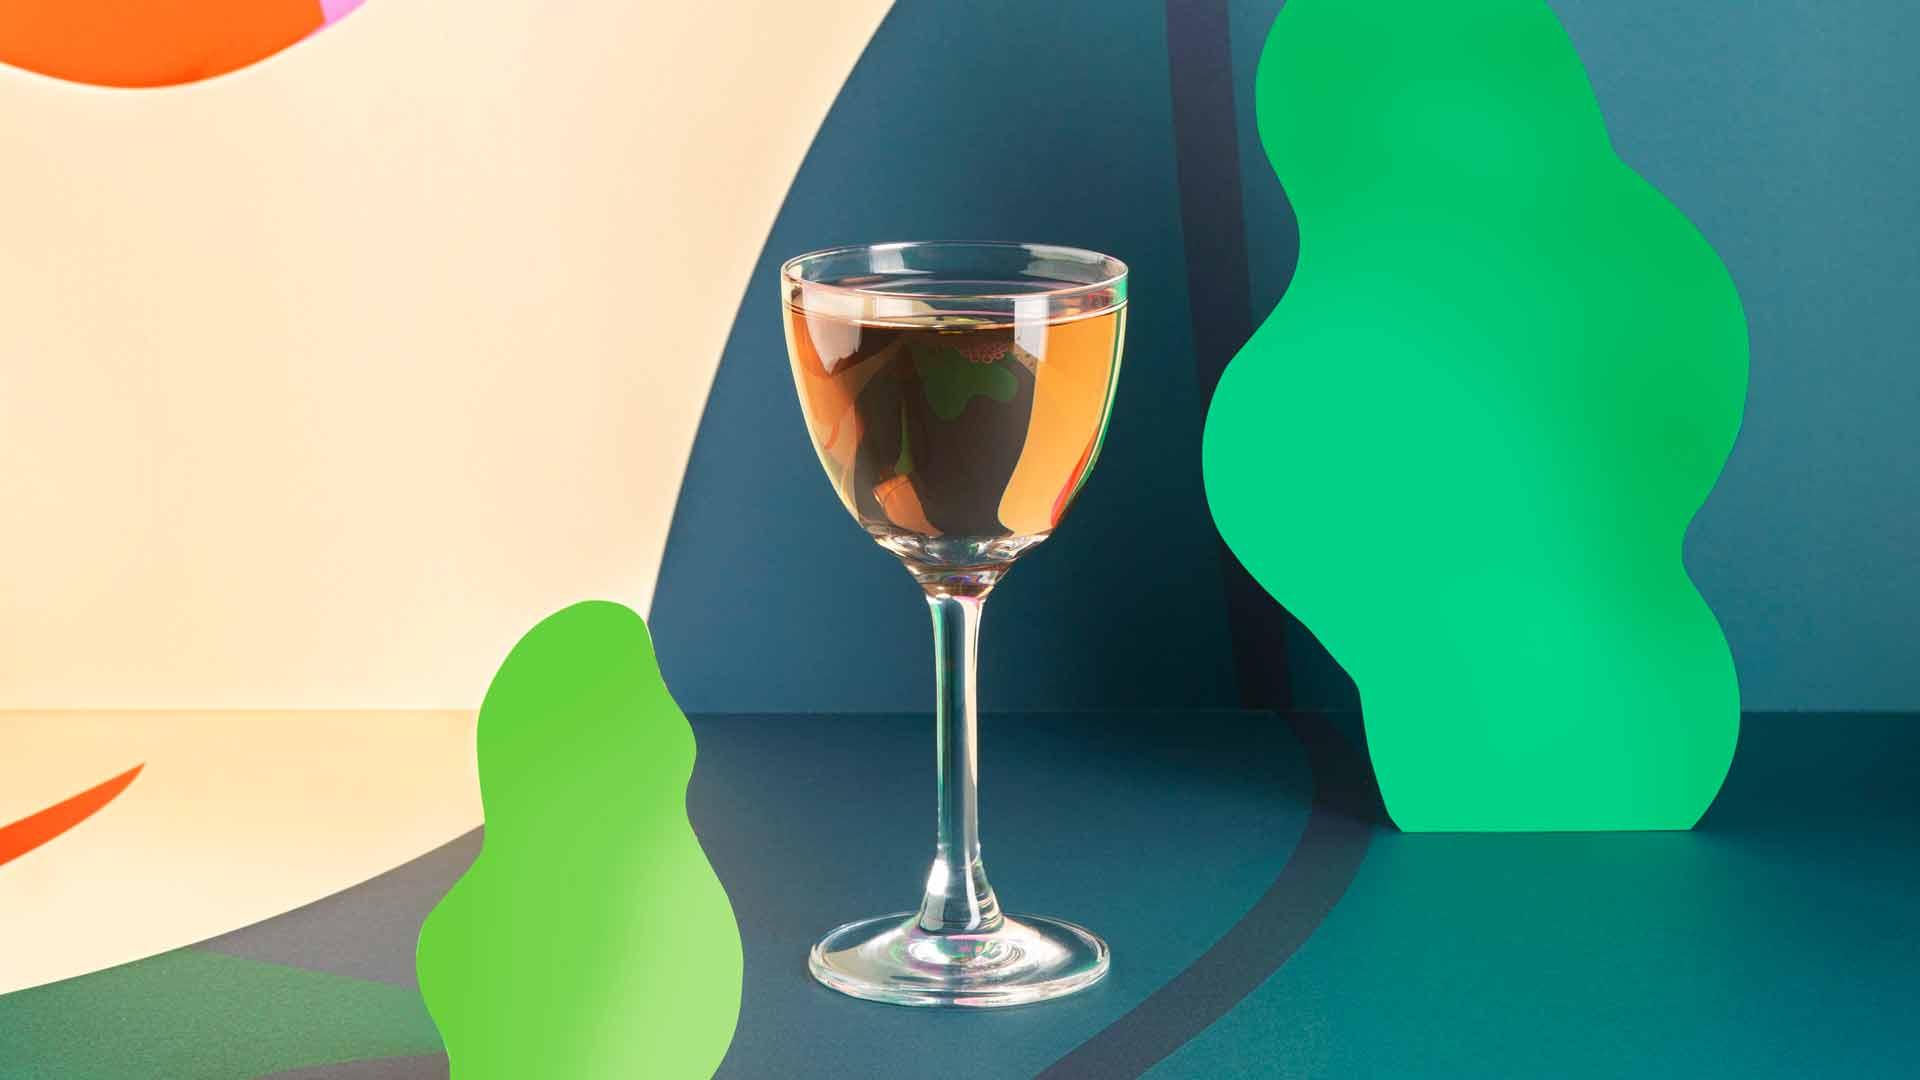 T(h)ree-of-life-nuova-drink-list-Il-Bar-Oscar-Quagliarini-Coqtail-Milano